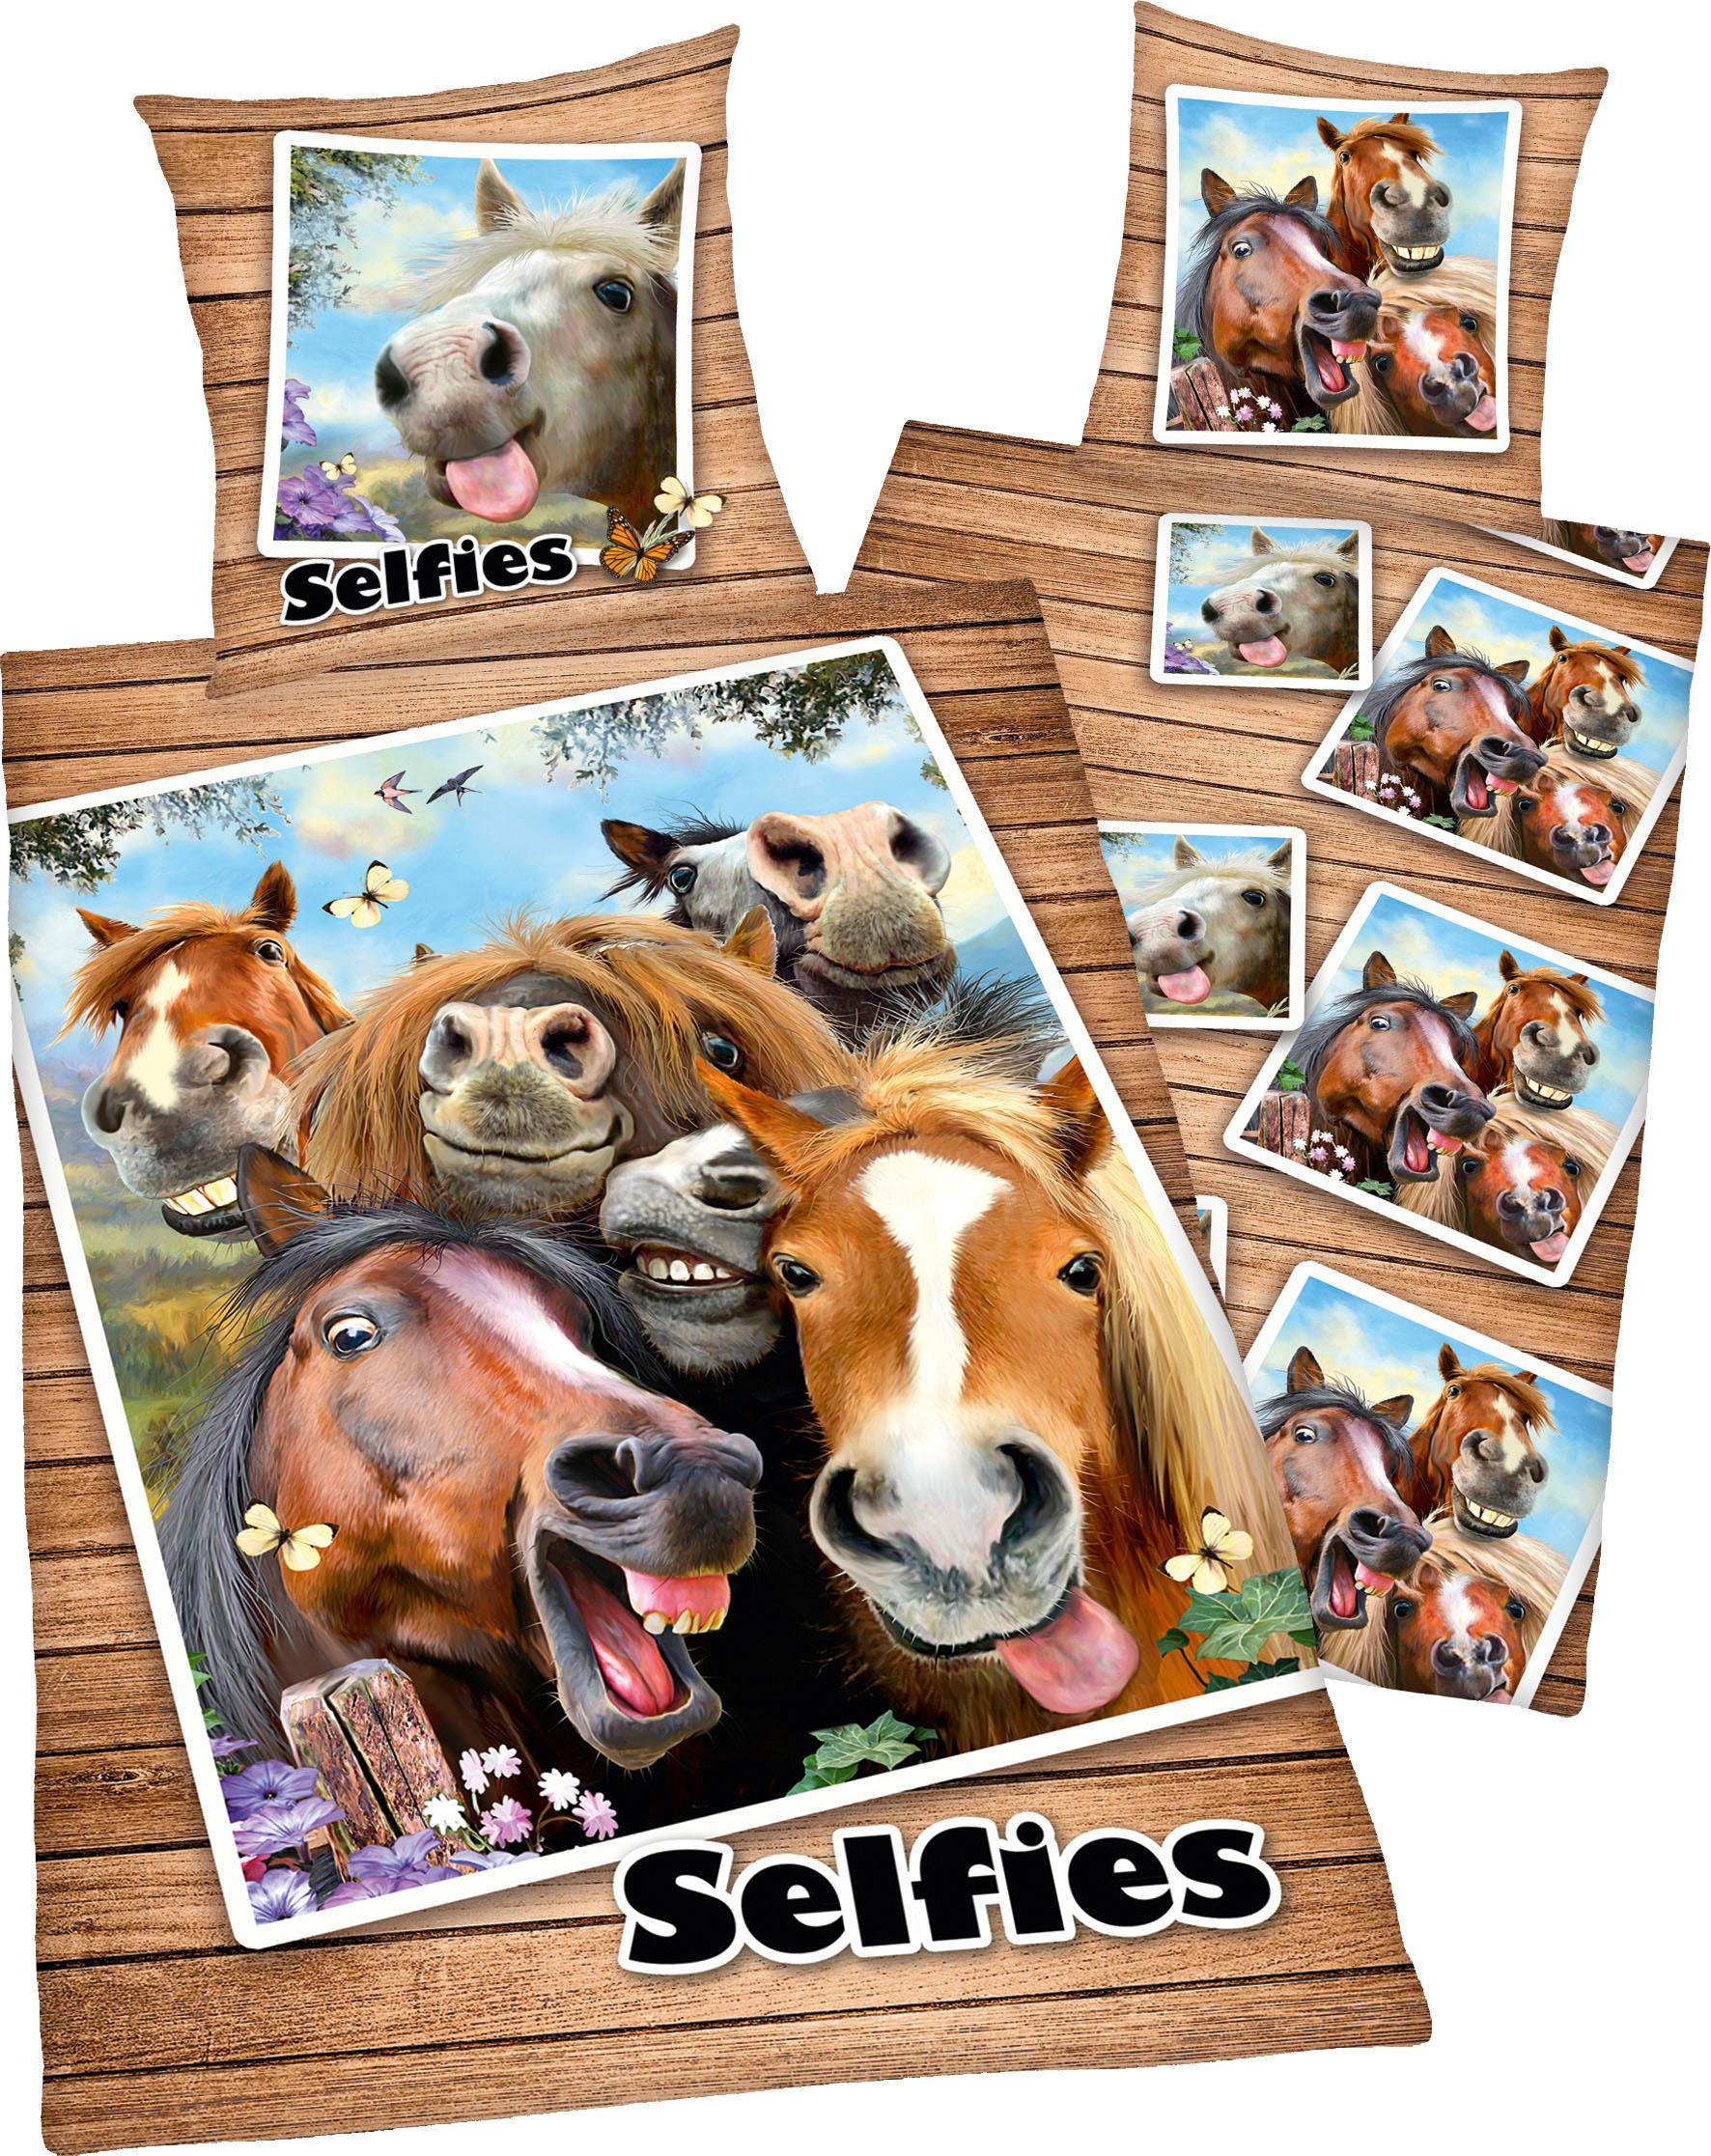 Kinderbettwäsche Selfies Pferde